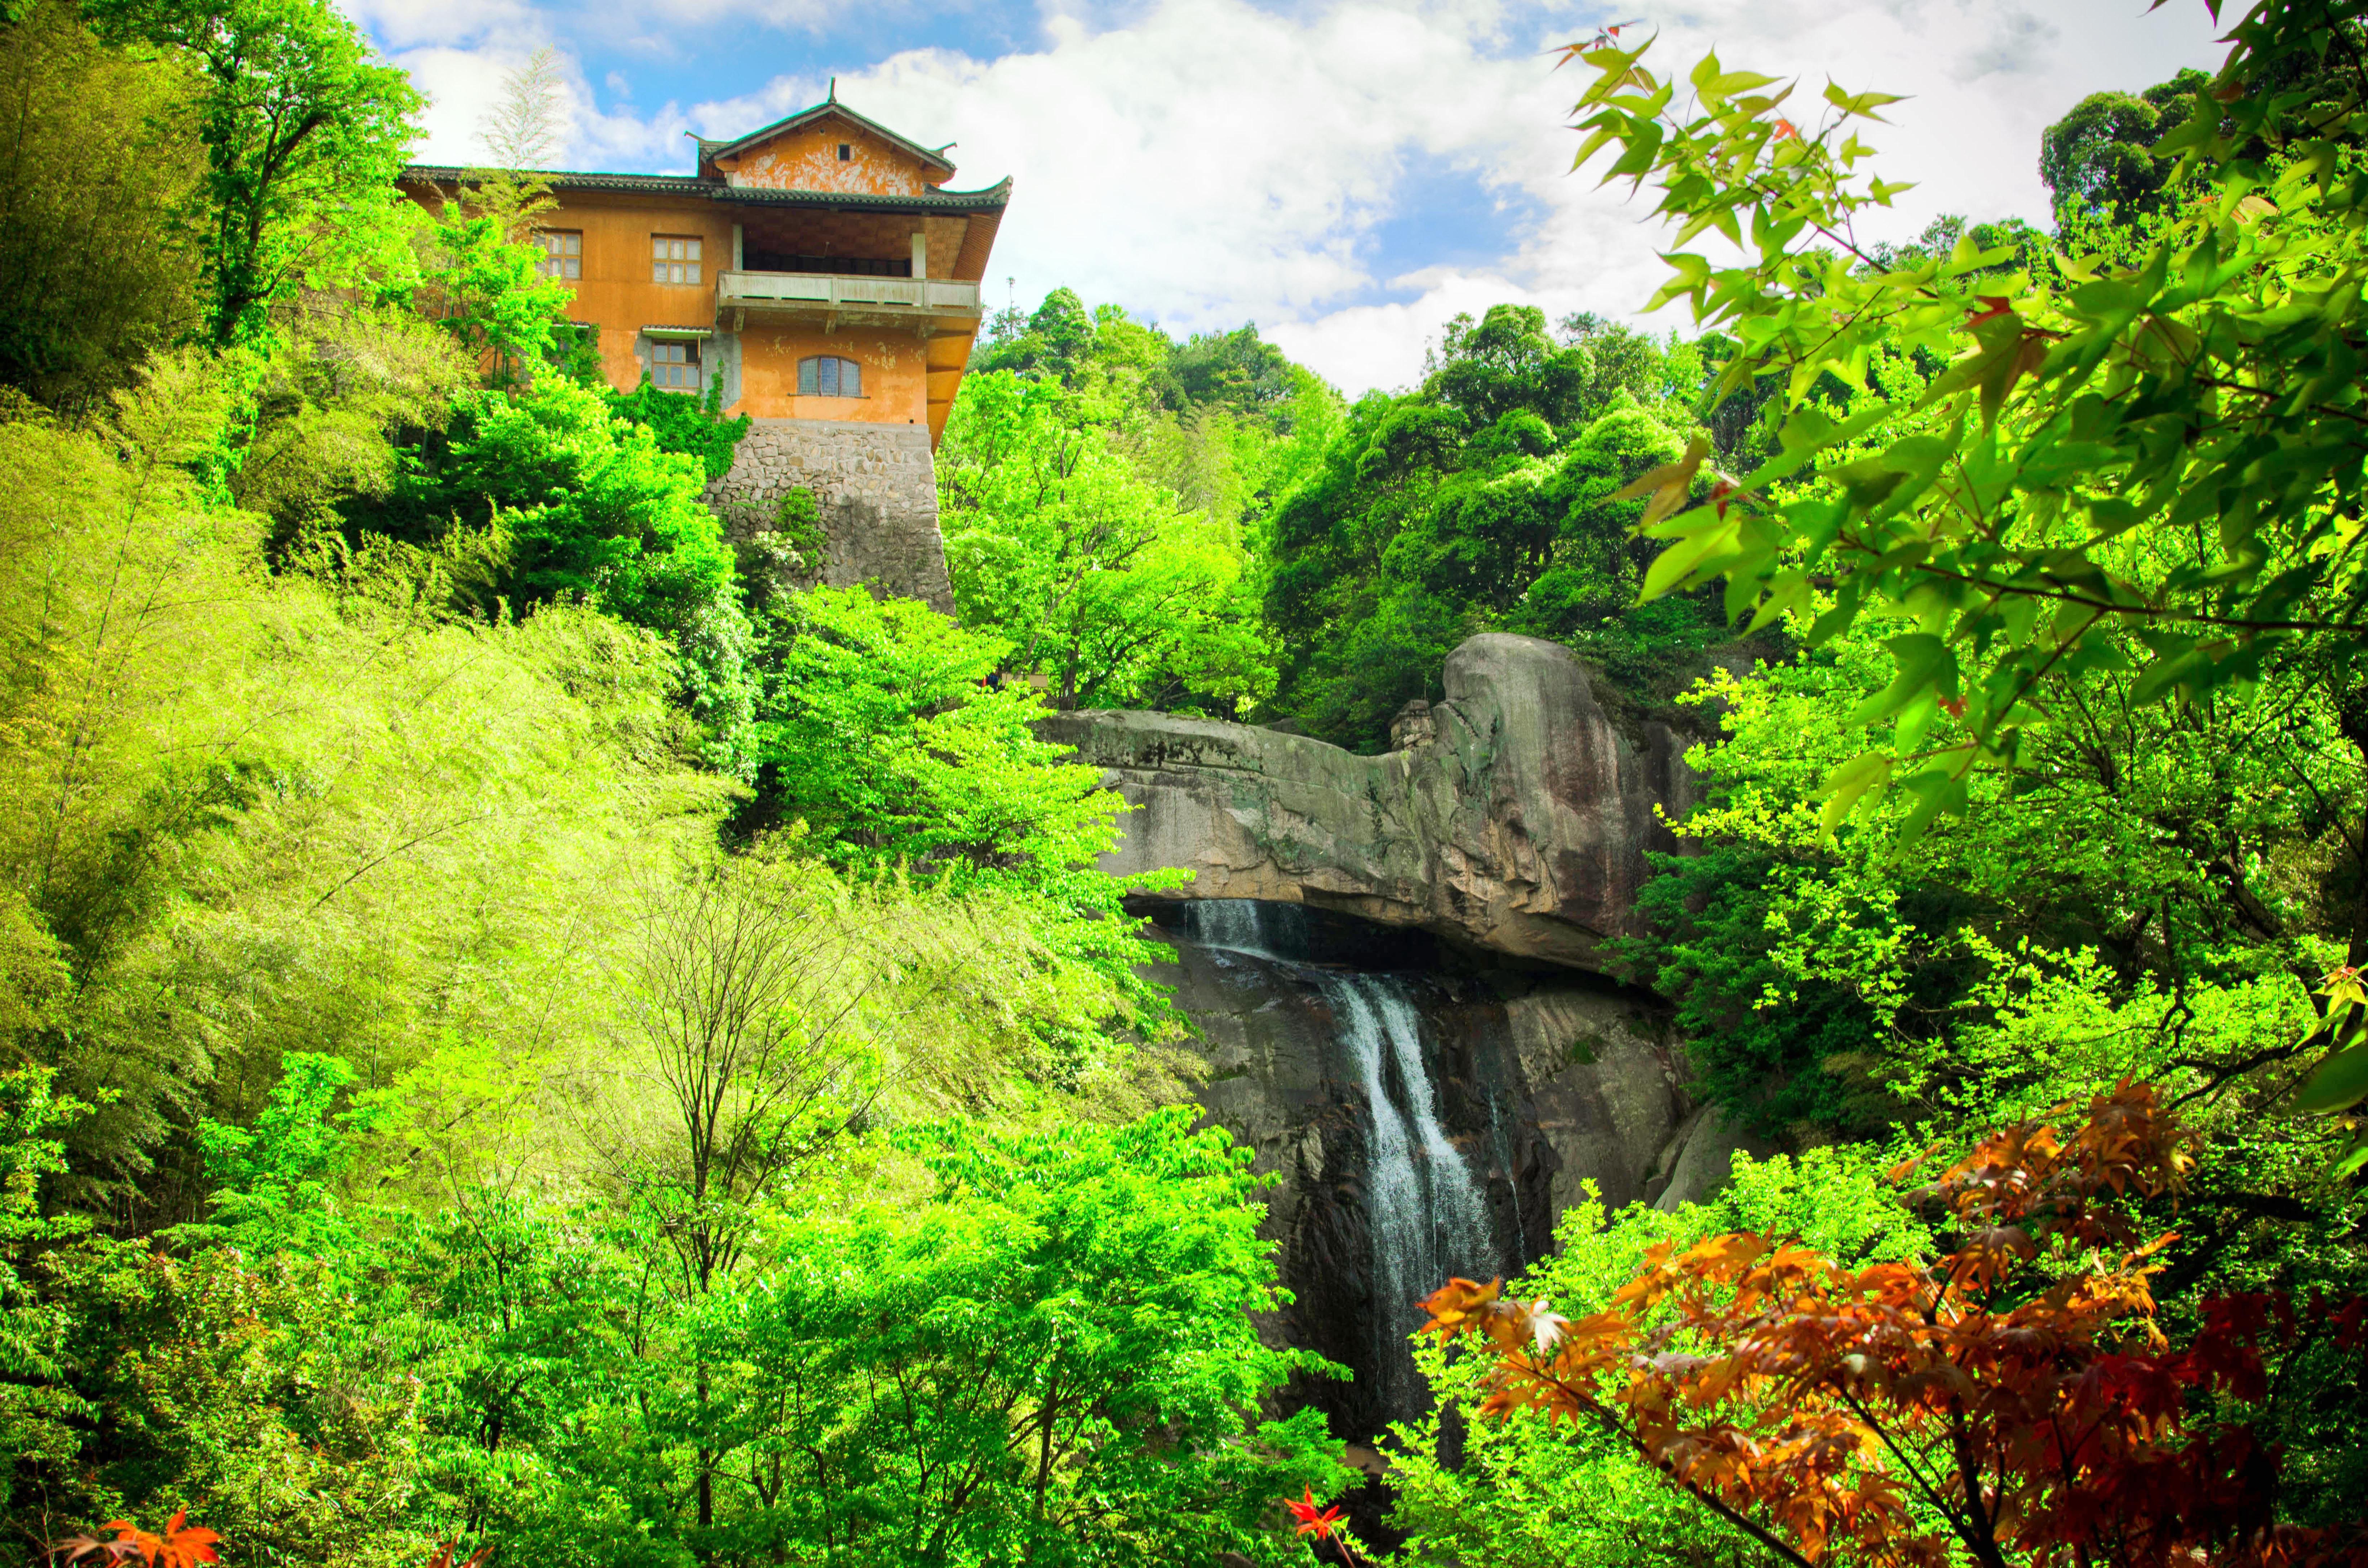 Tiantai Mountain Scenic Spot